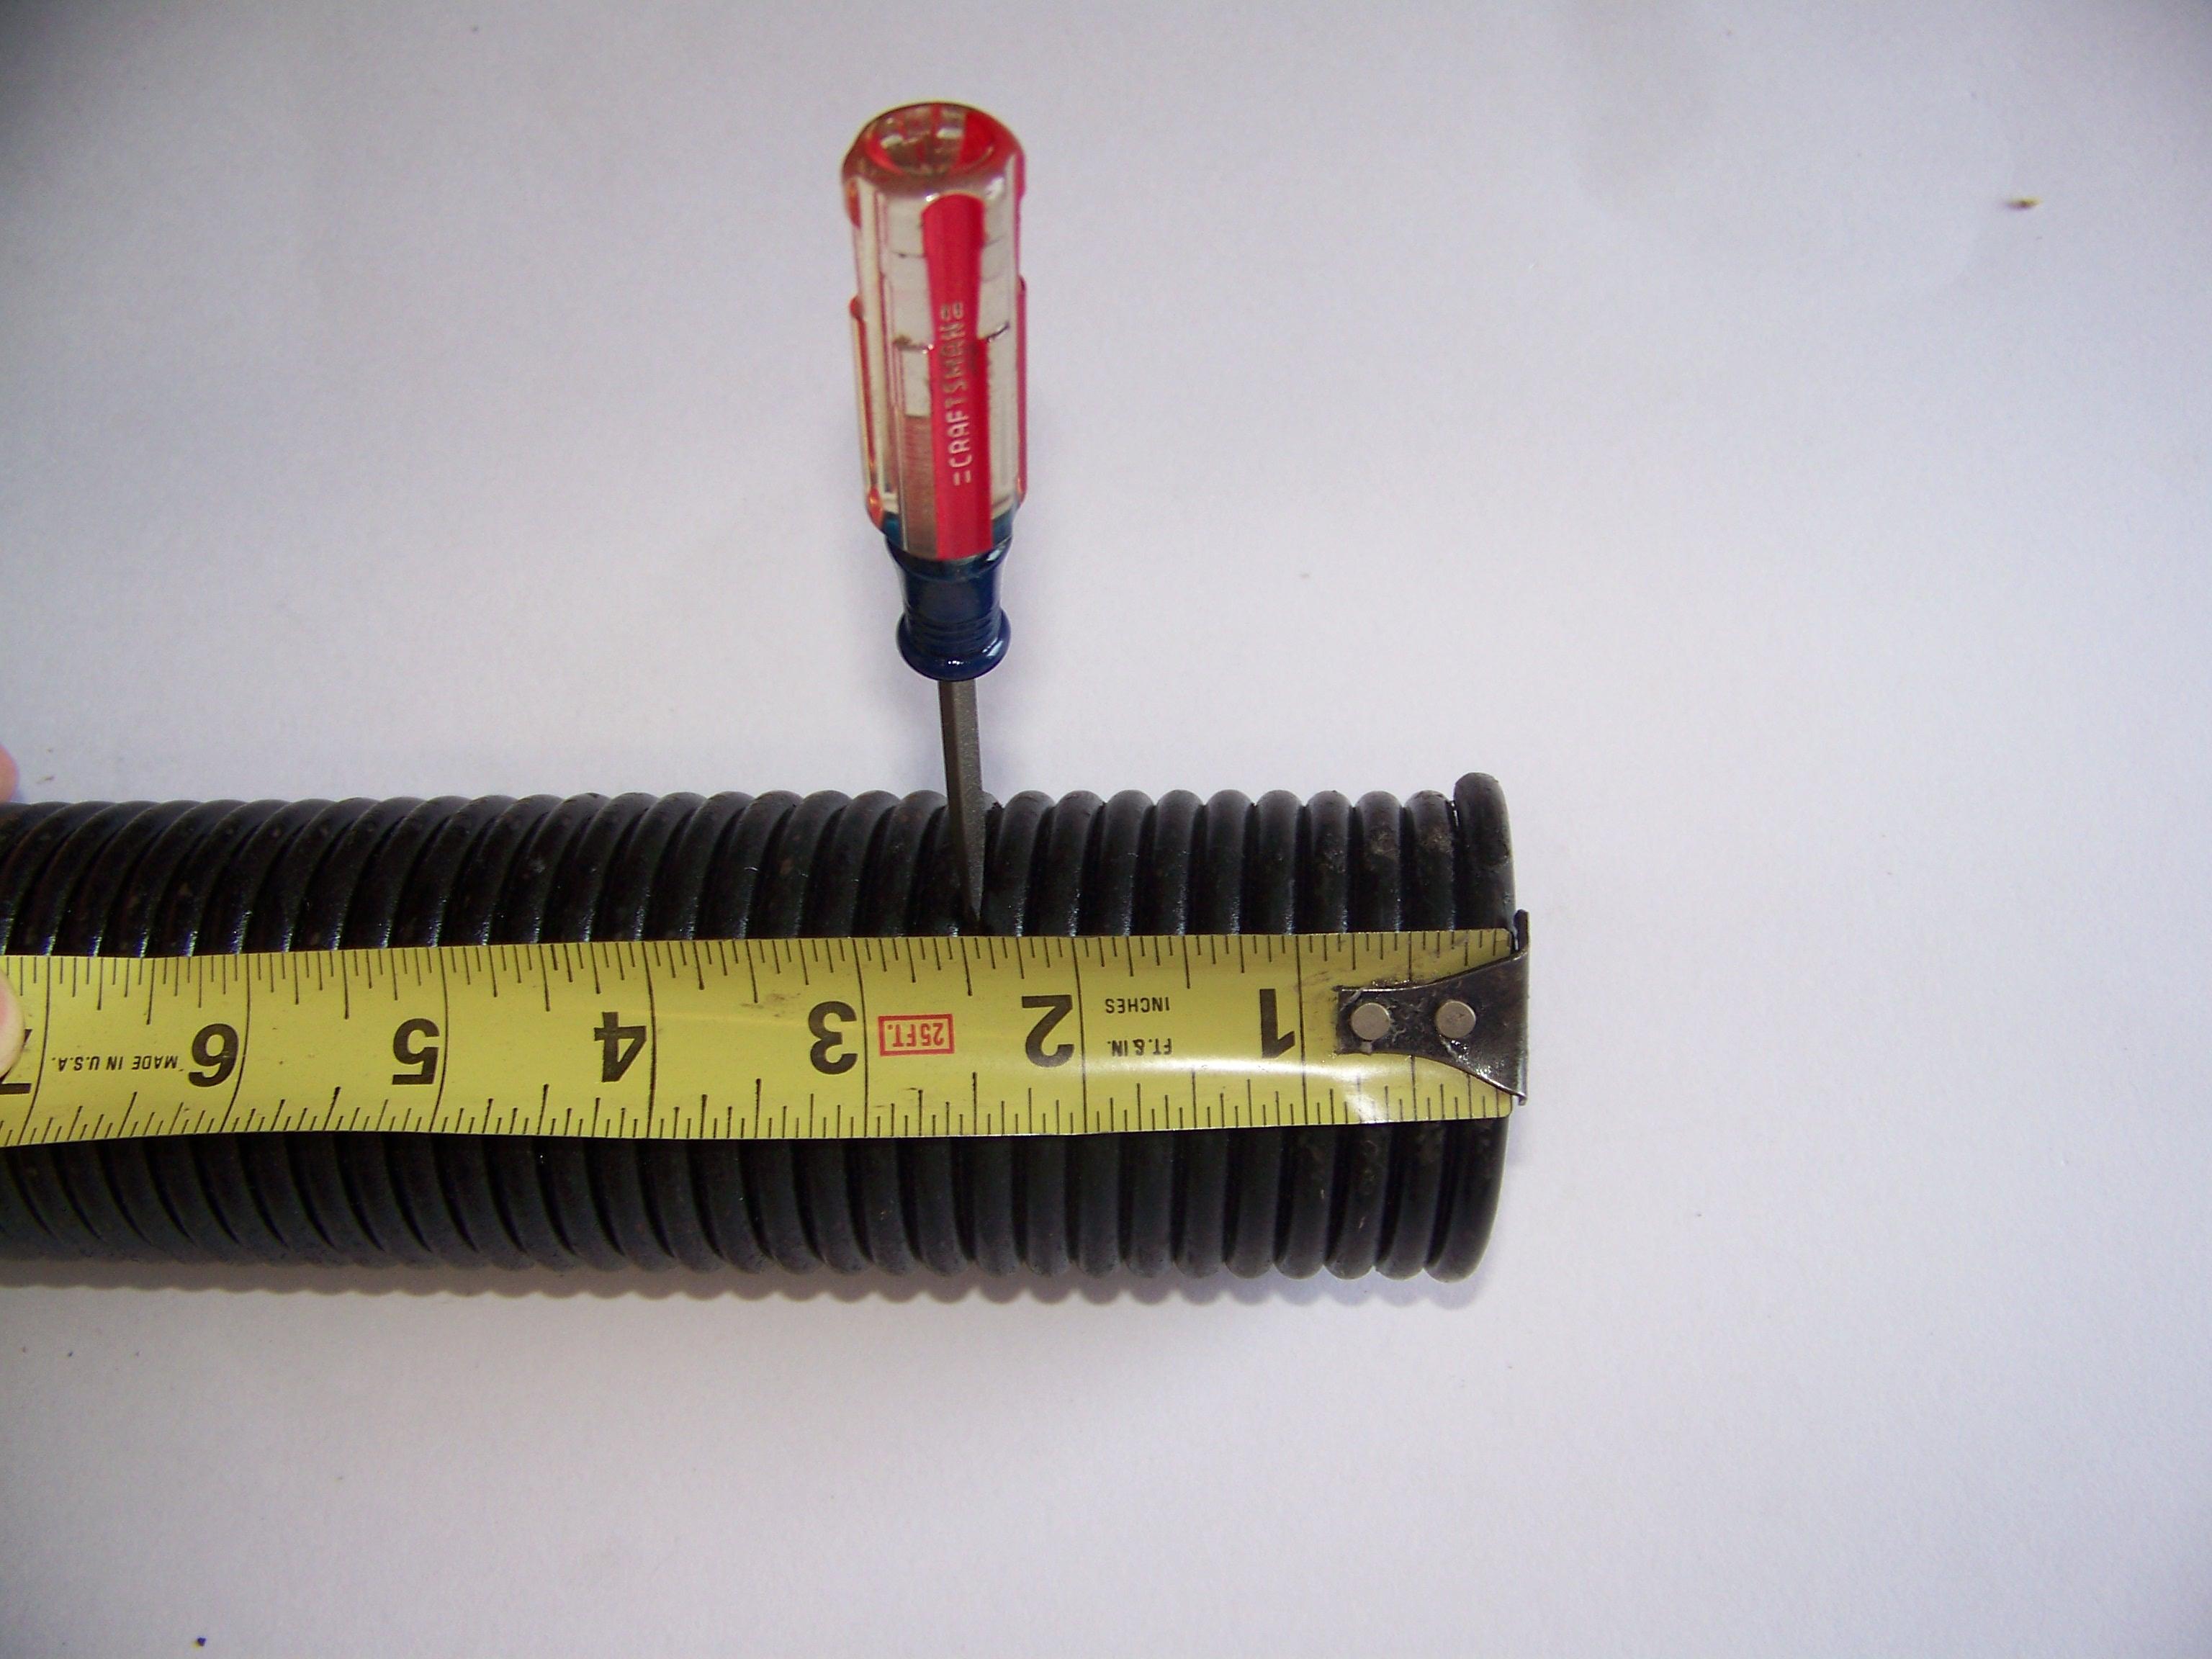 How to measure torsion garage door springs garage door stuff for How to determine garage door spring weight